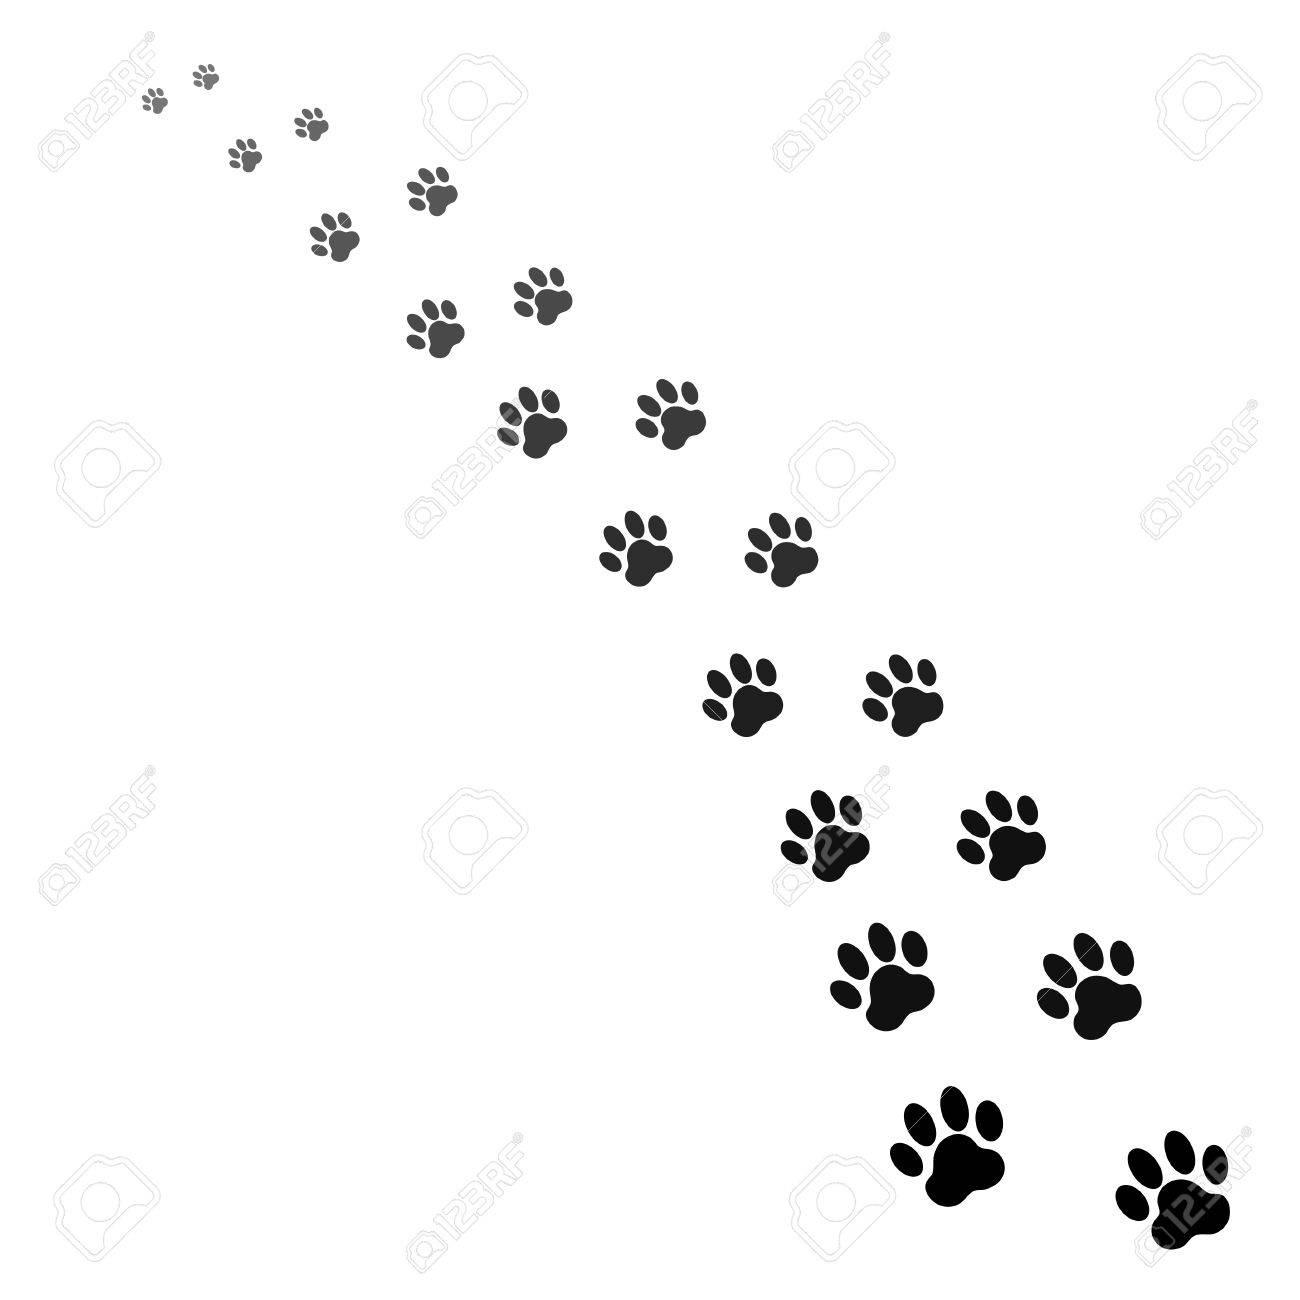 犬の足跡のイラスト素材 ベクタ Image